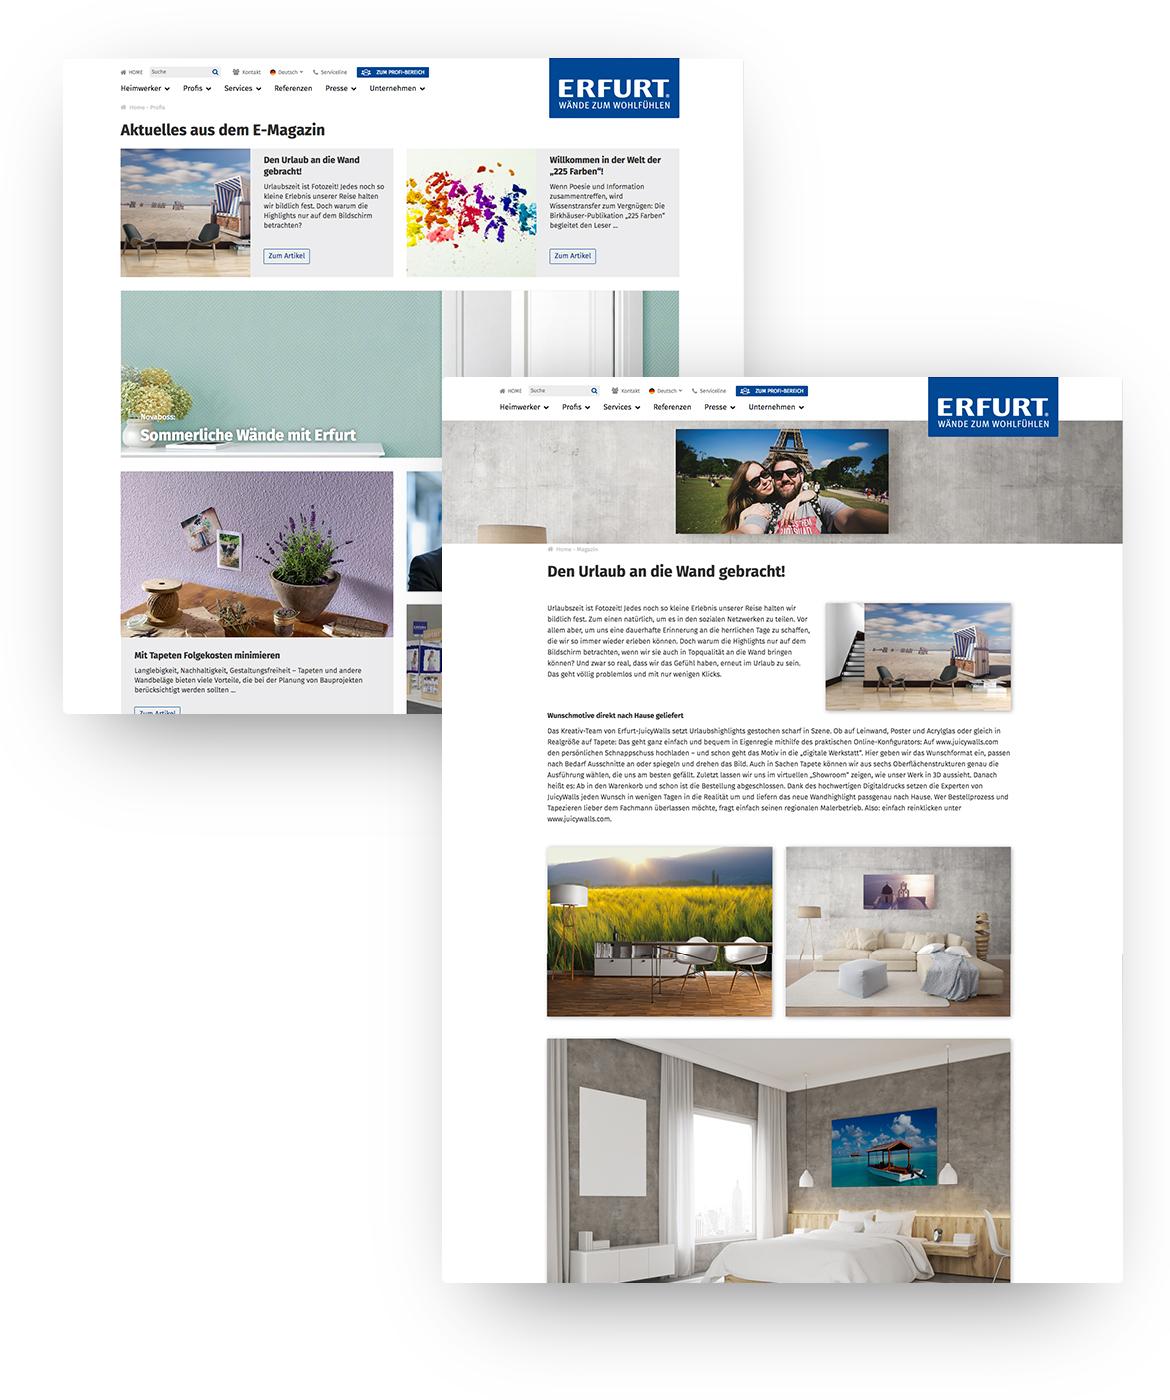 erfurt onlinemagazin co mobile first gambit. Black Bedroom Furniture Sets. Home Design Ideas